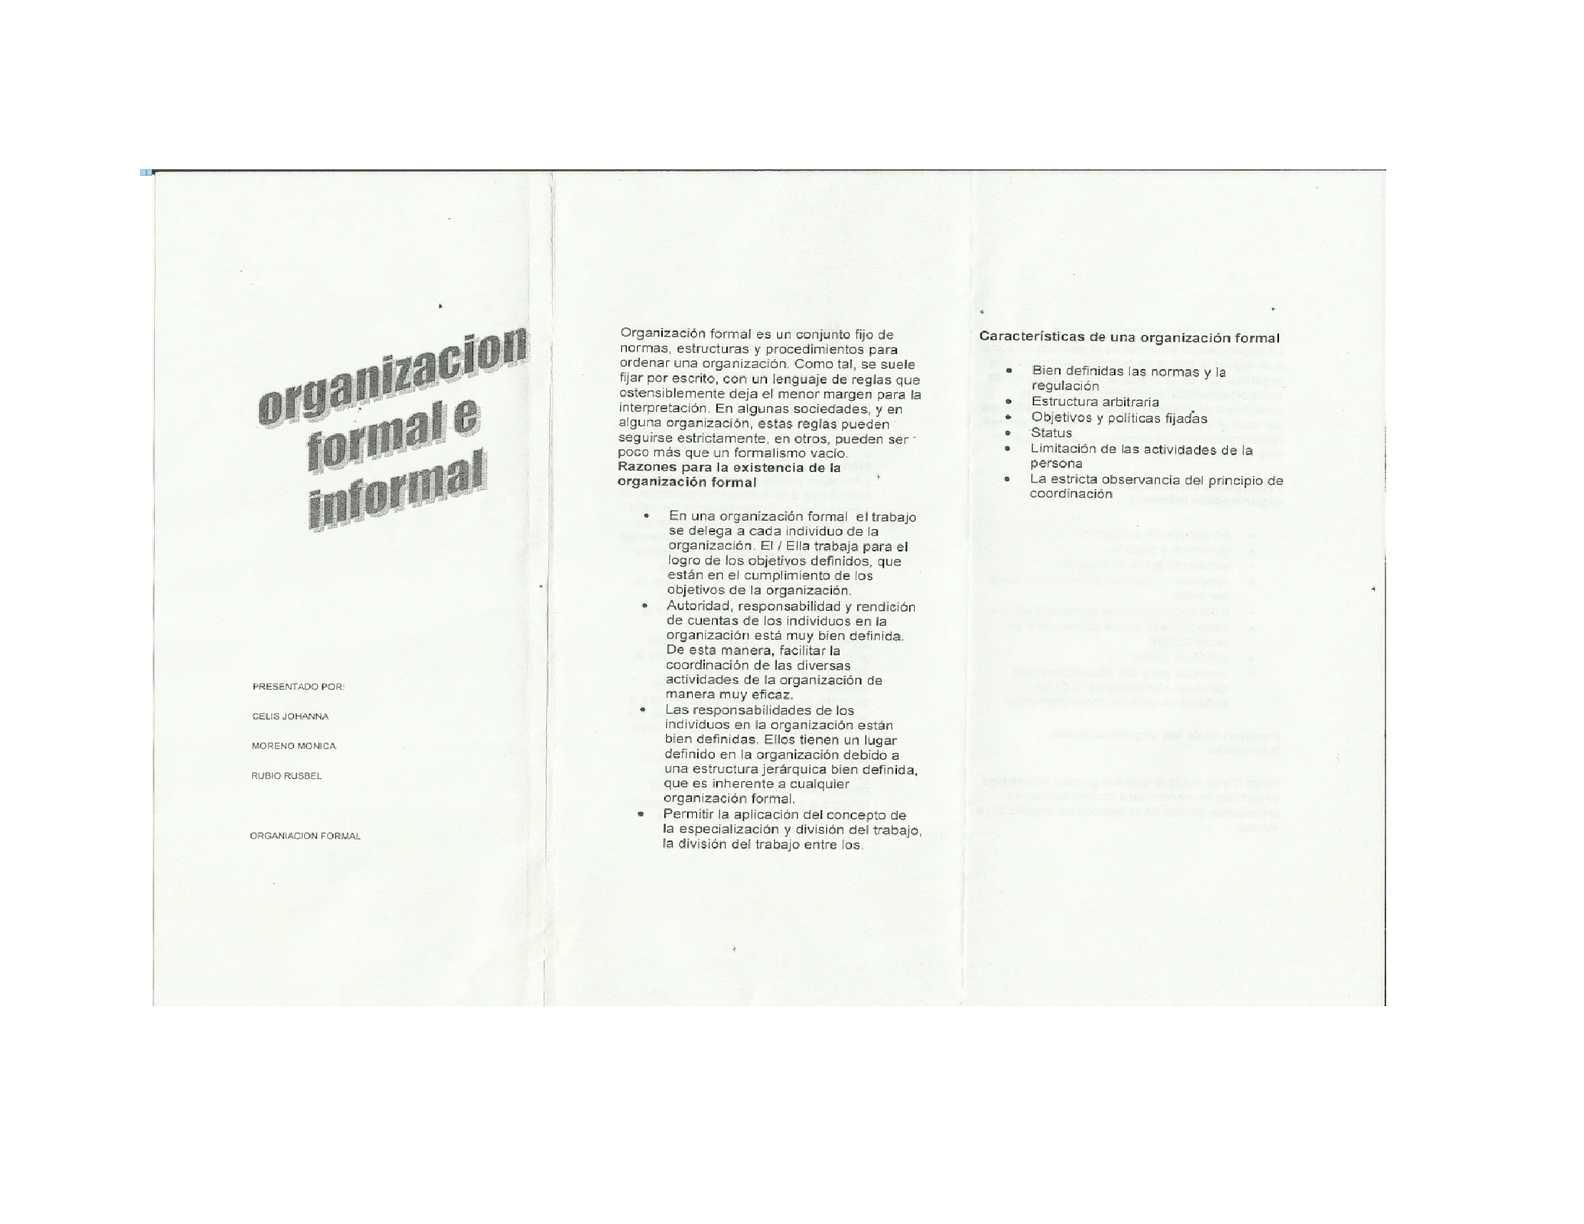 Calaméo Organización Formal E Informal